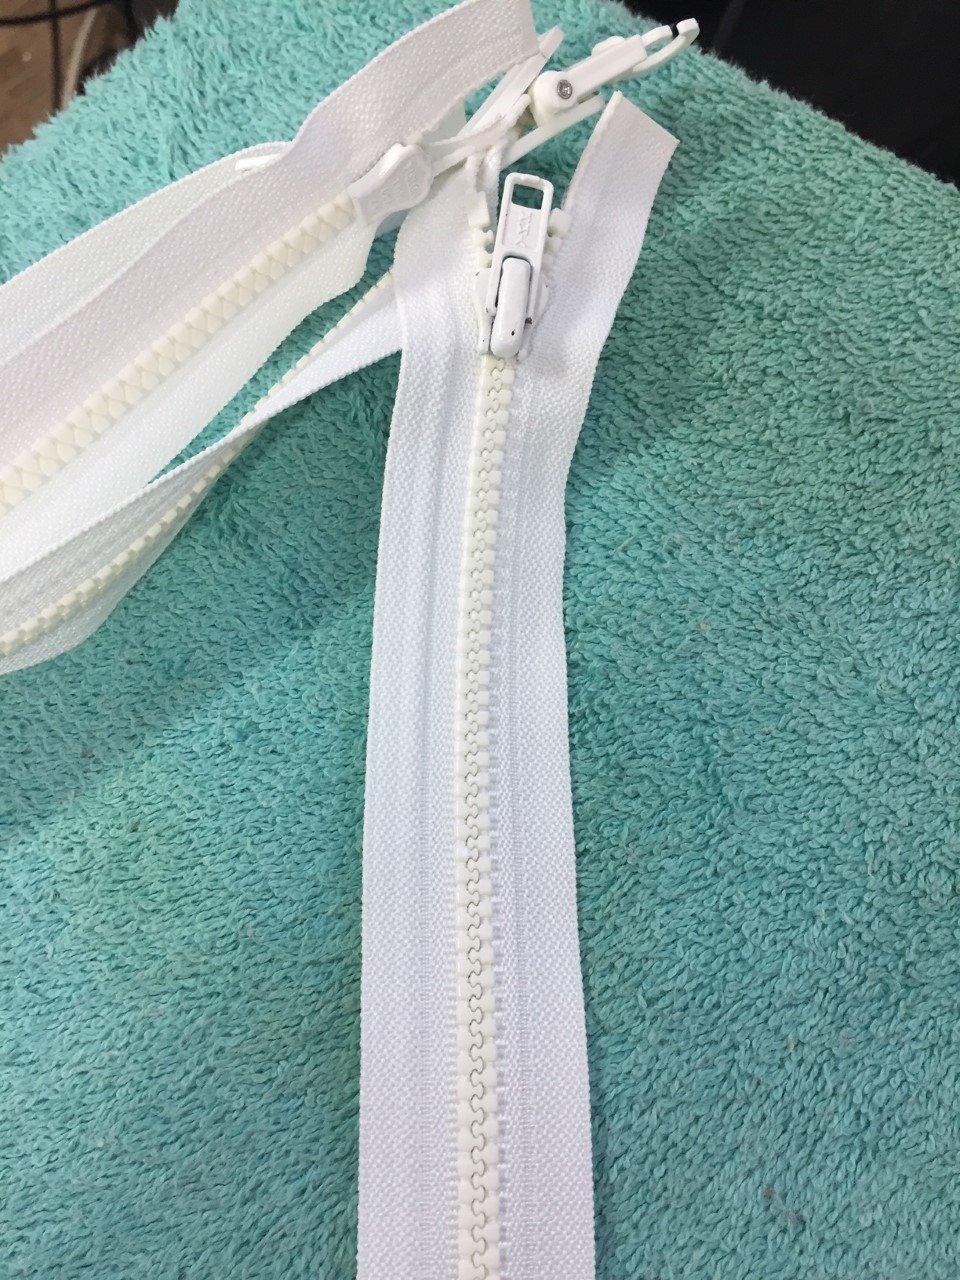 19 White Plastic Coil Zipper